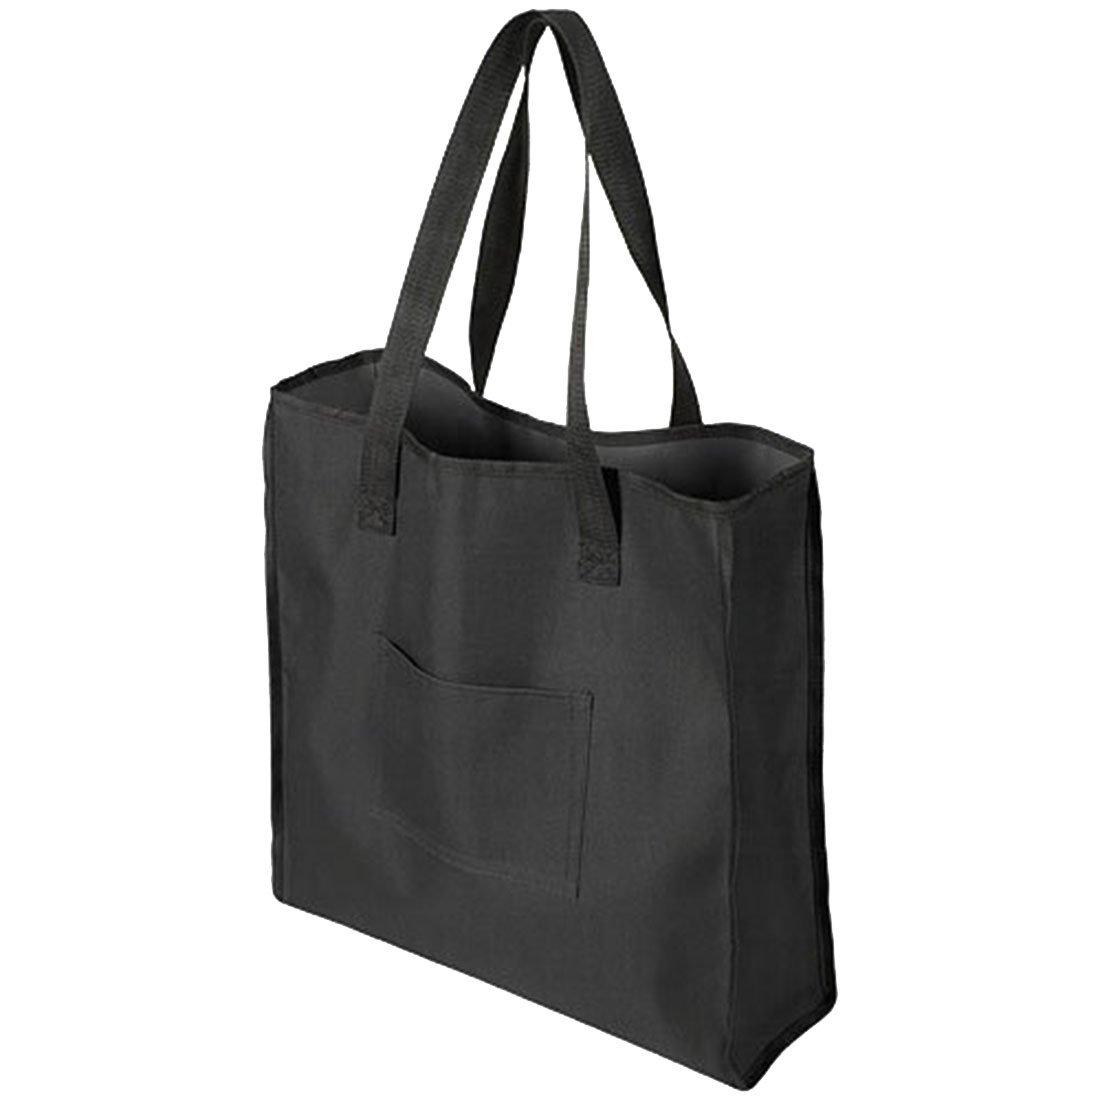 Stadium椅子Carryバッグ B00CLYL4EE ブラック ブラック